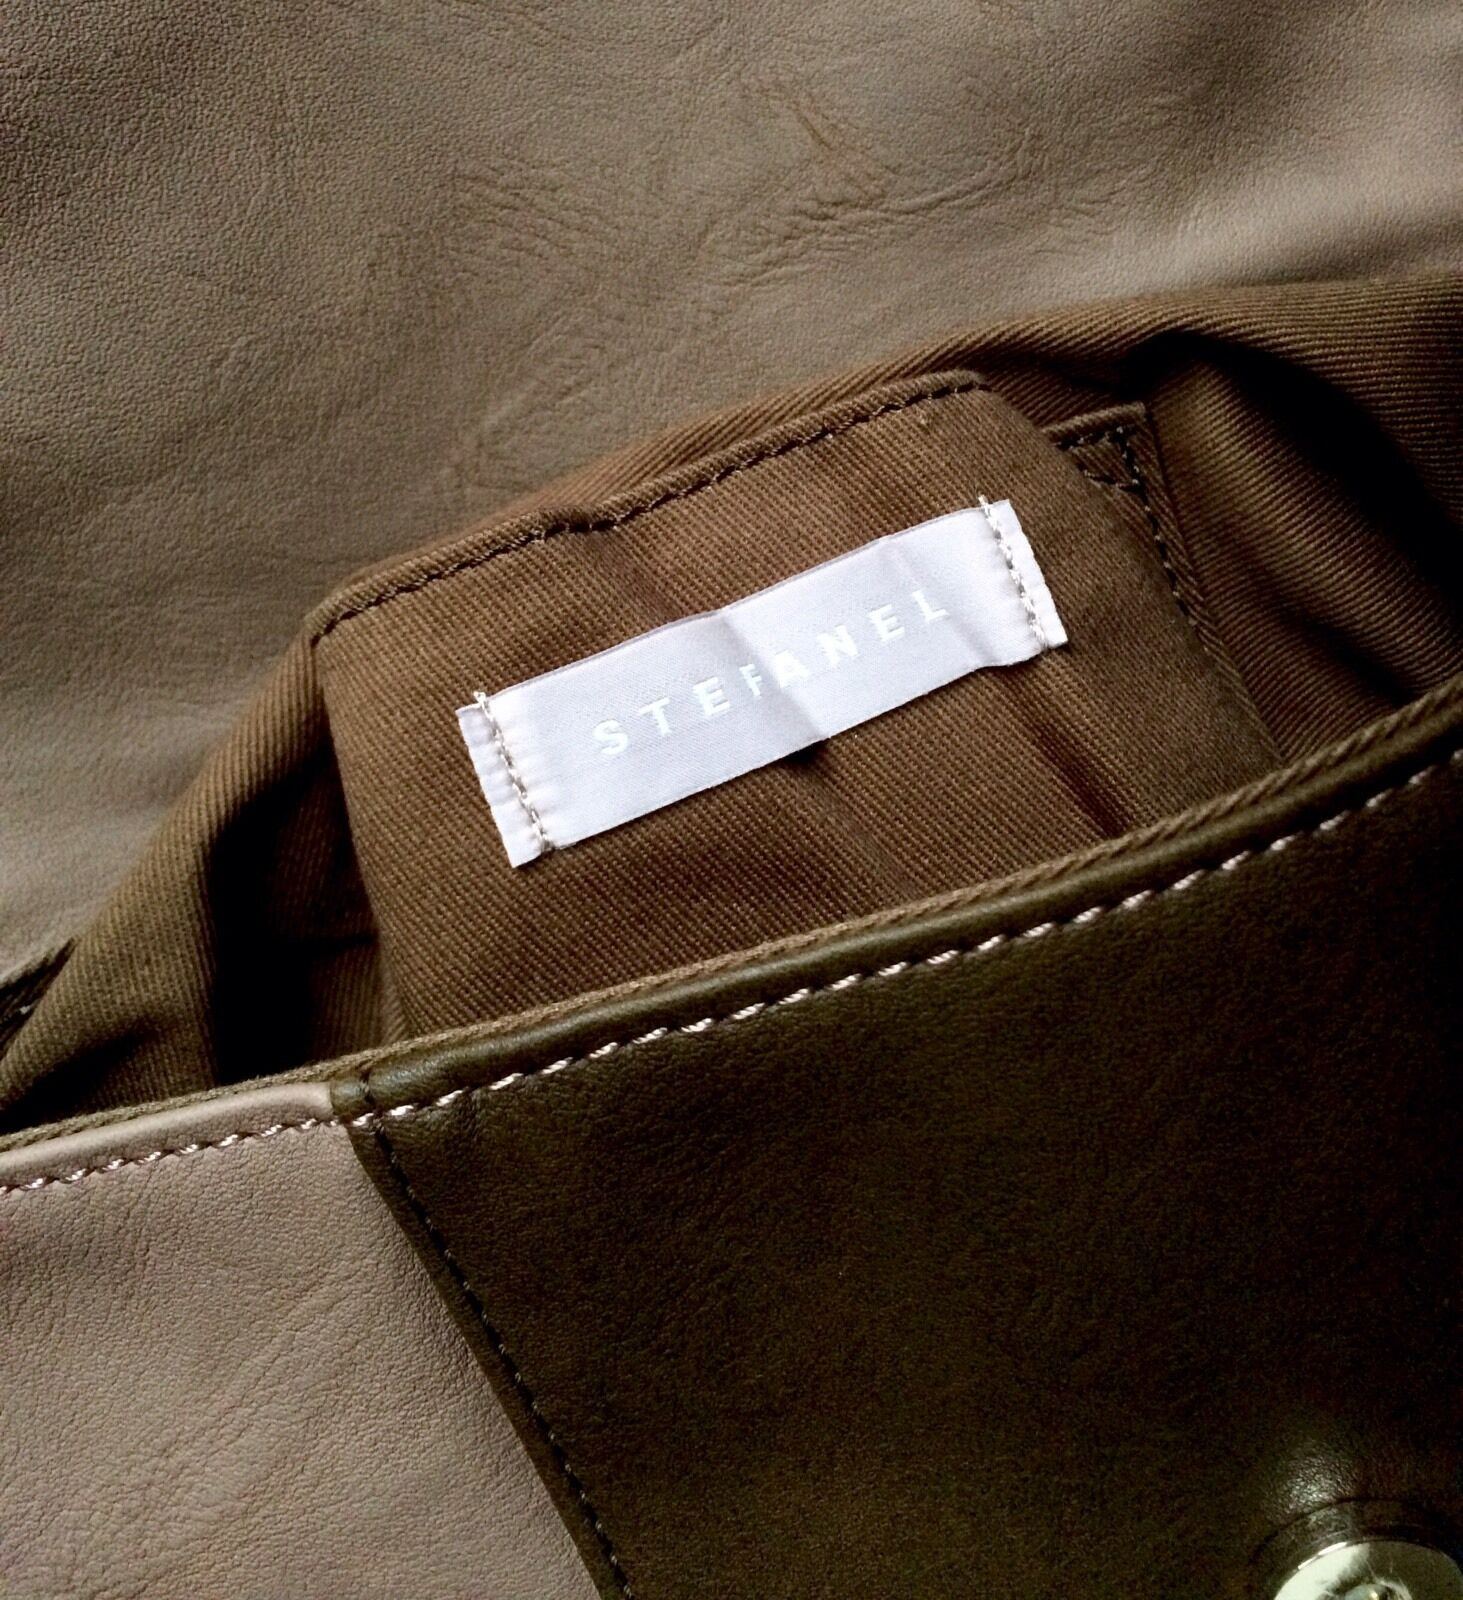 STEFANEL Crossbody-Bag NEU Tasche Khaki Taupe   Preiszugeständnisse  Preiszugeständnisse  Preiszugeständnisse    Hochwertige Produkte    Ästhetisches Aussehen  10d0cf